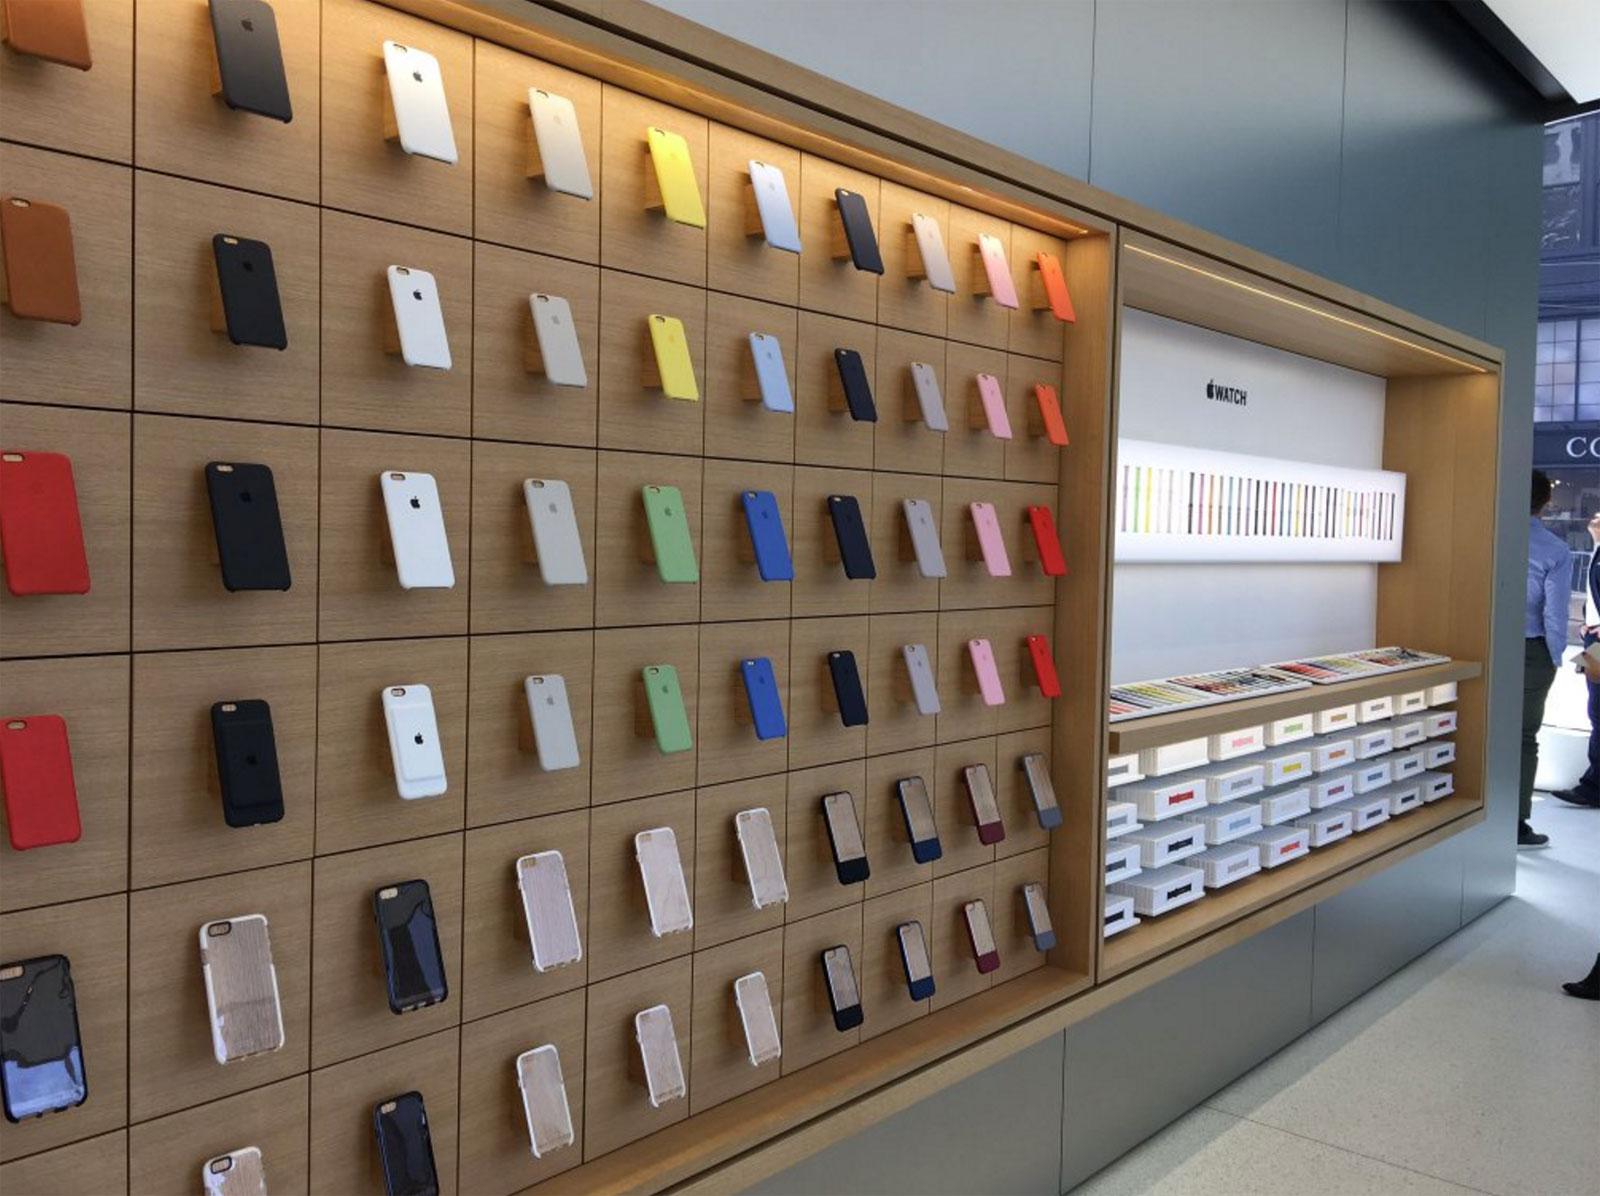 Estanterías de Accesorios en la Apple Store de Unison Square